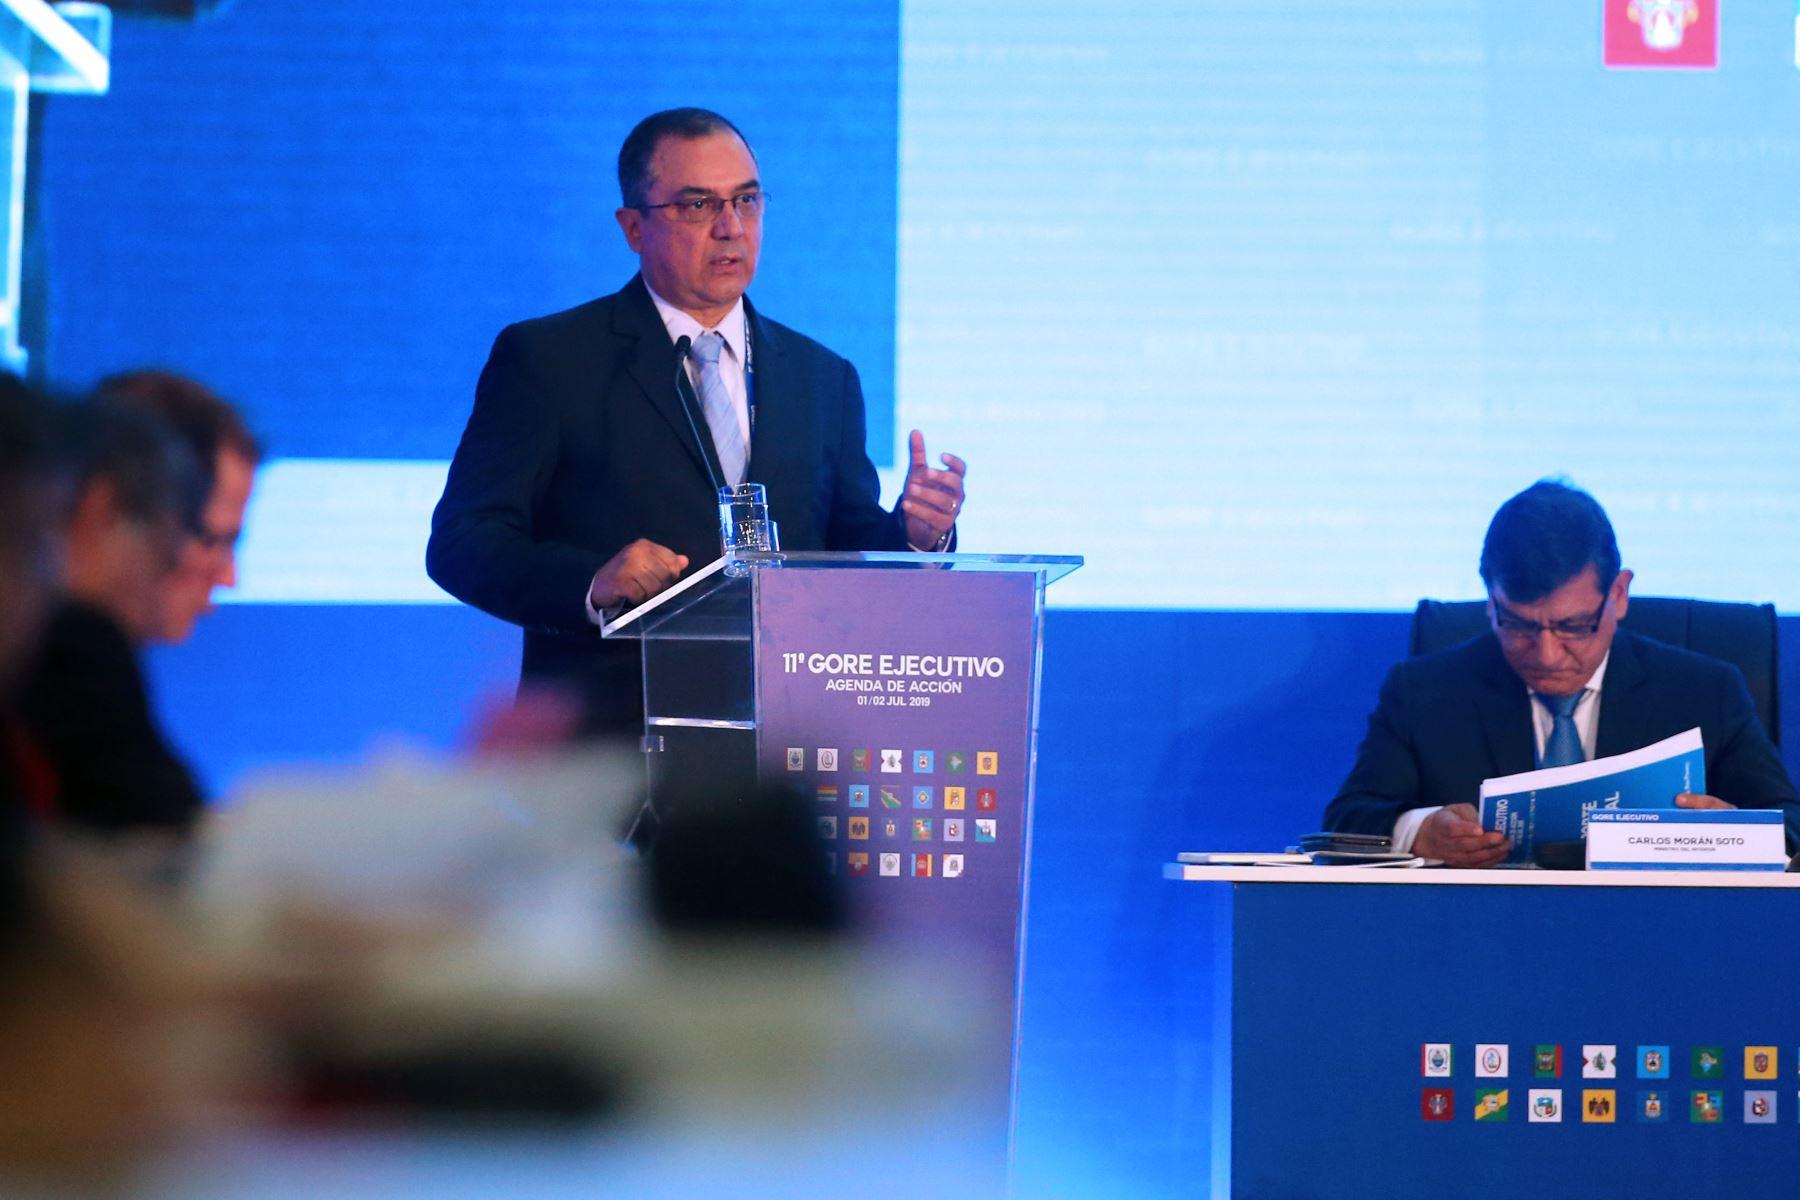 Ministro de Economía y Finanzas, Carlos Oliva, participa en 11 Gore Ejecutivo, donde presenta los avances en ejecución presupuestal. Foto: ANDINA/Vidal Tarqui.